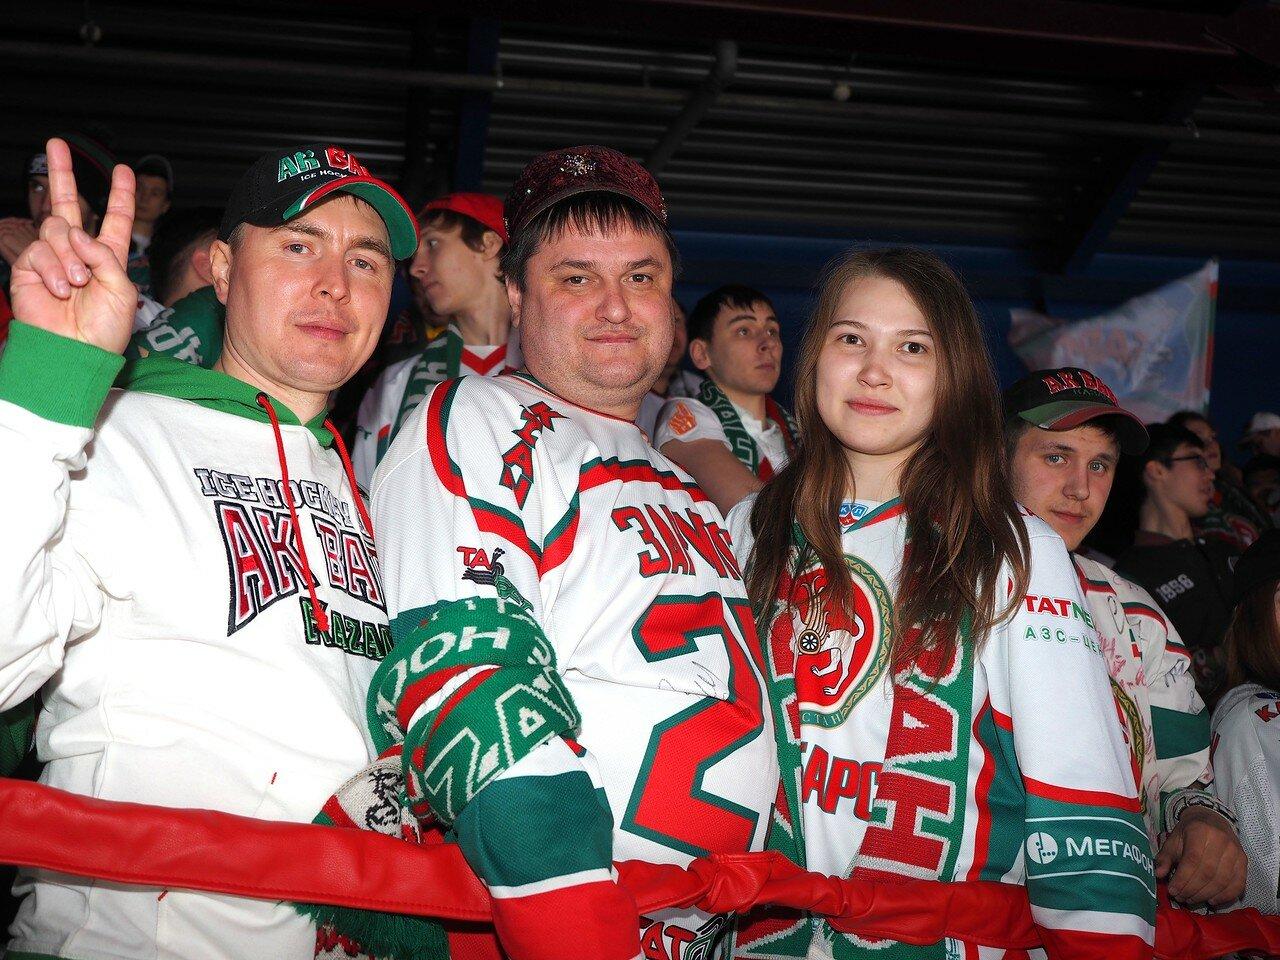 63 Первая игра финала плей-офф восточной конференции 2017 Металлург - АкБарс 24.03.2017